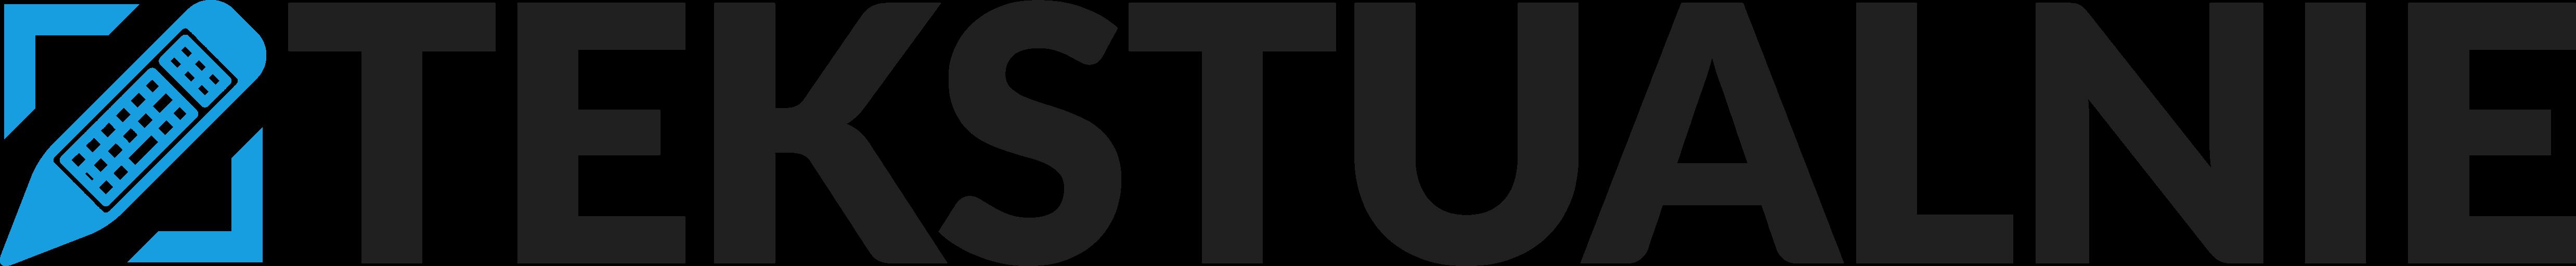 Tekstualnie - Logotyp - N - Czarny 2